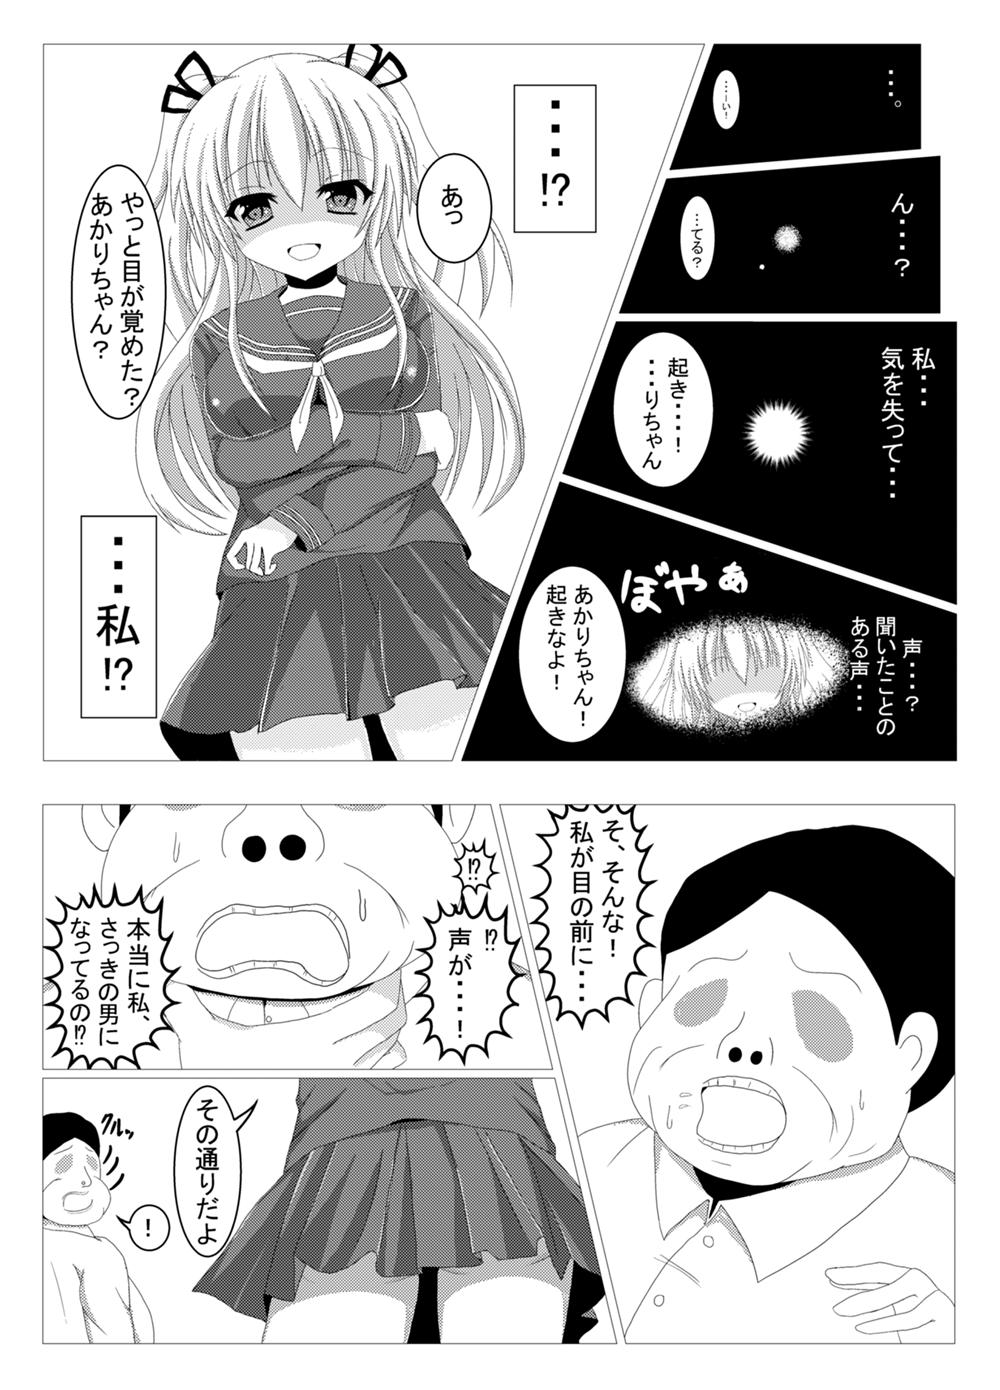 JK 入れ替わり_008